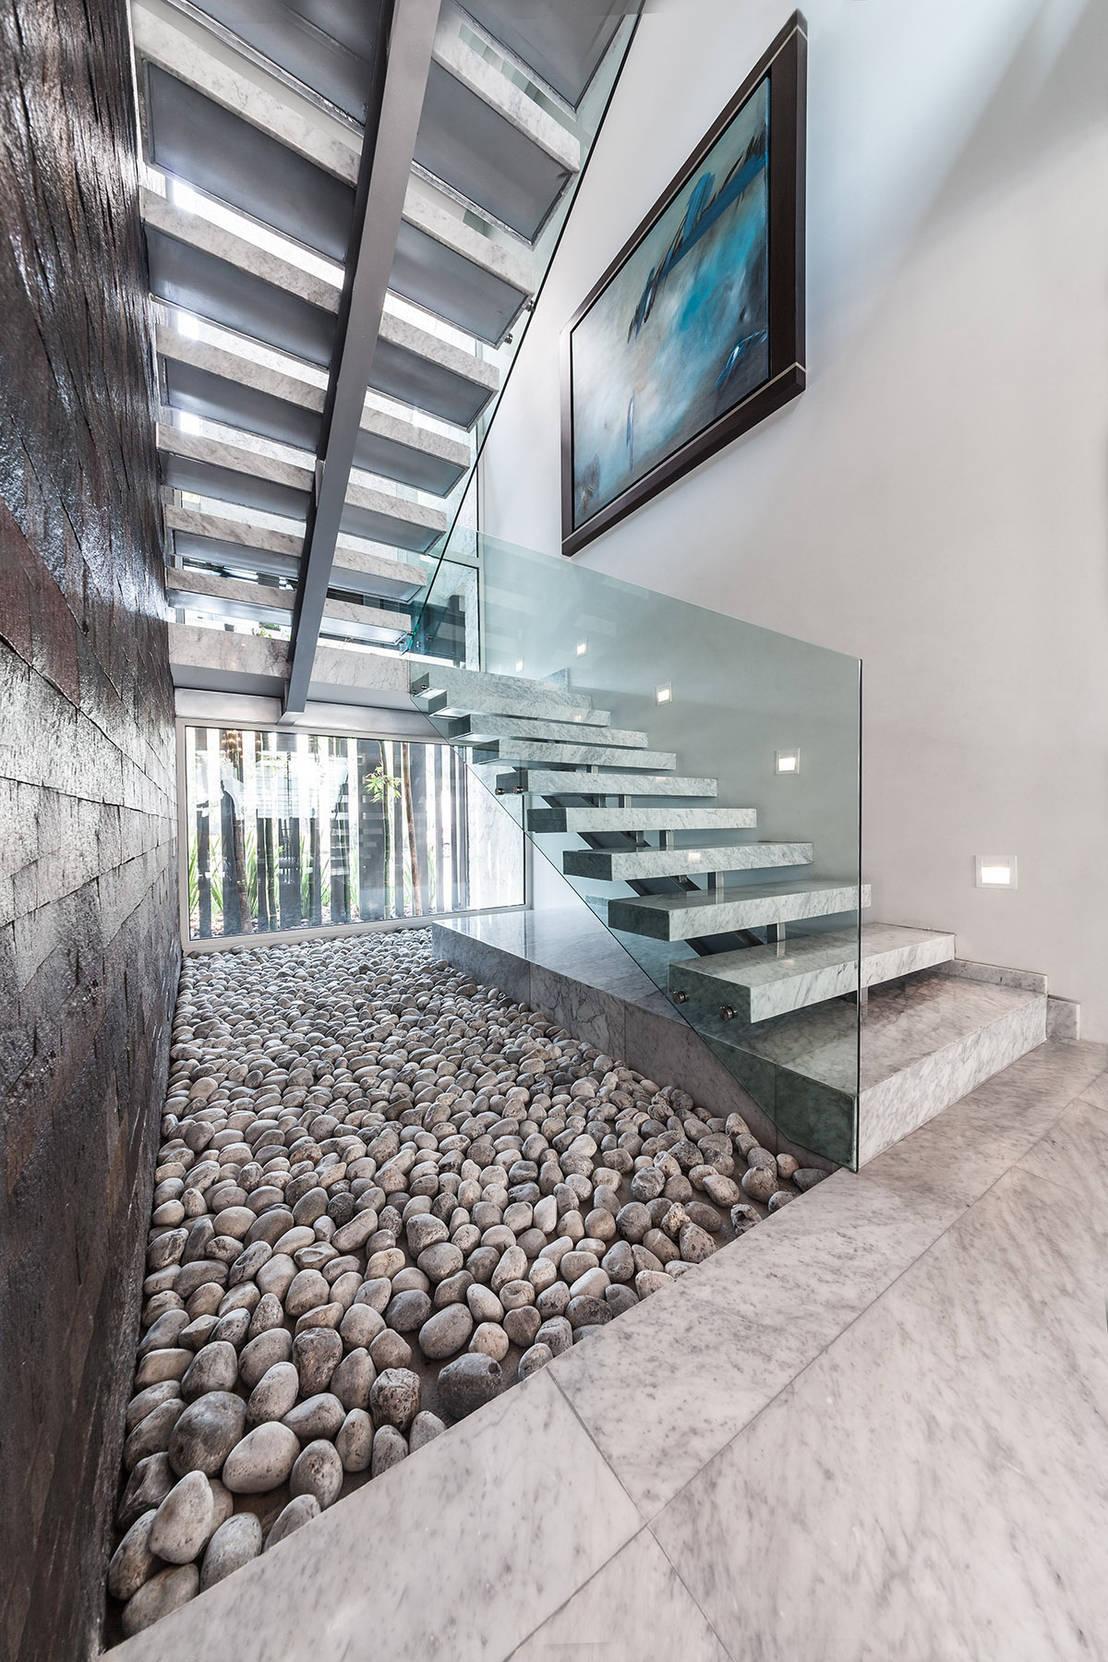 escada de pedra para jardim:18 escadas com jardim de pedras e água – maravilhosos!